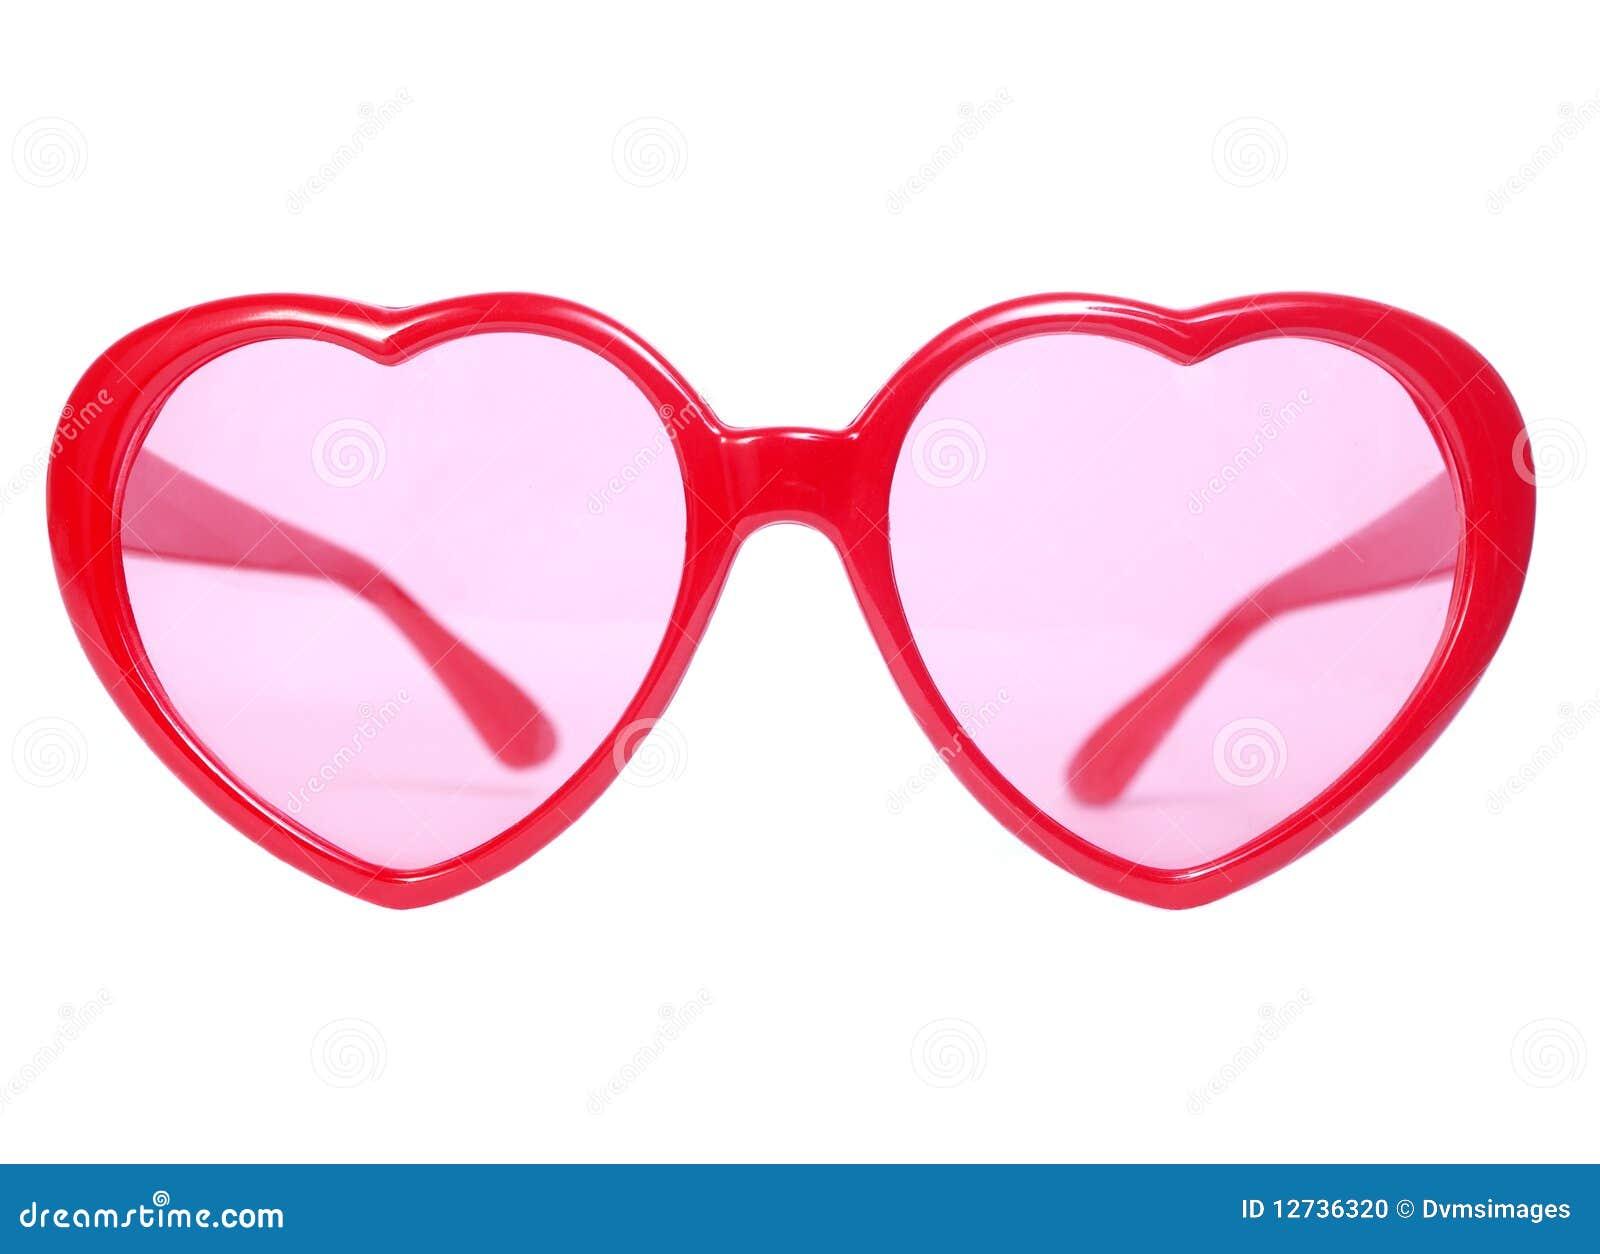 de rode bril het hart stock foto afbeelding bestaande